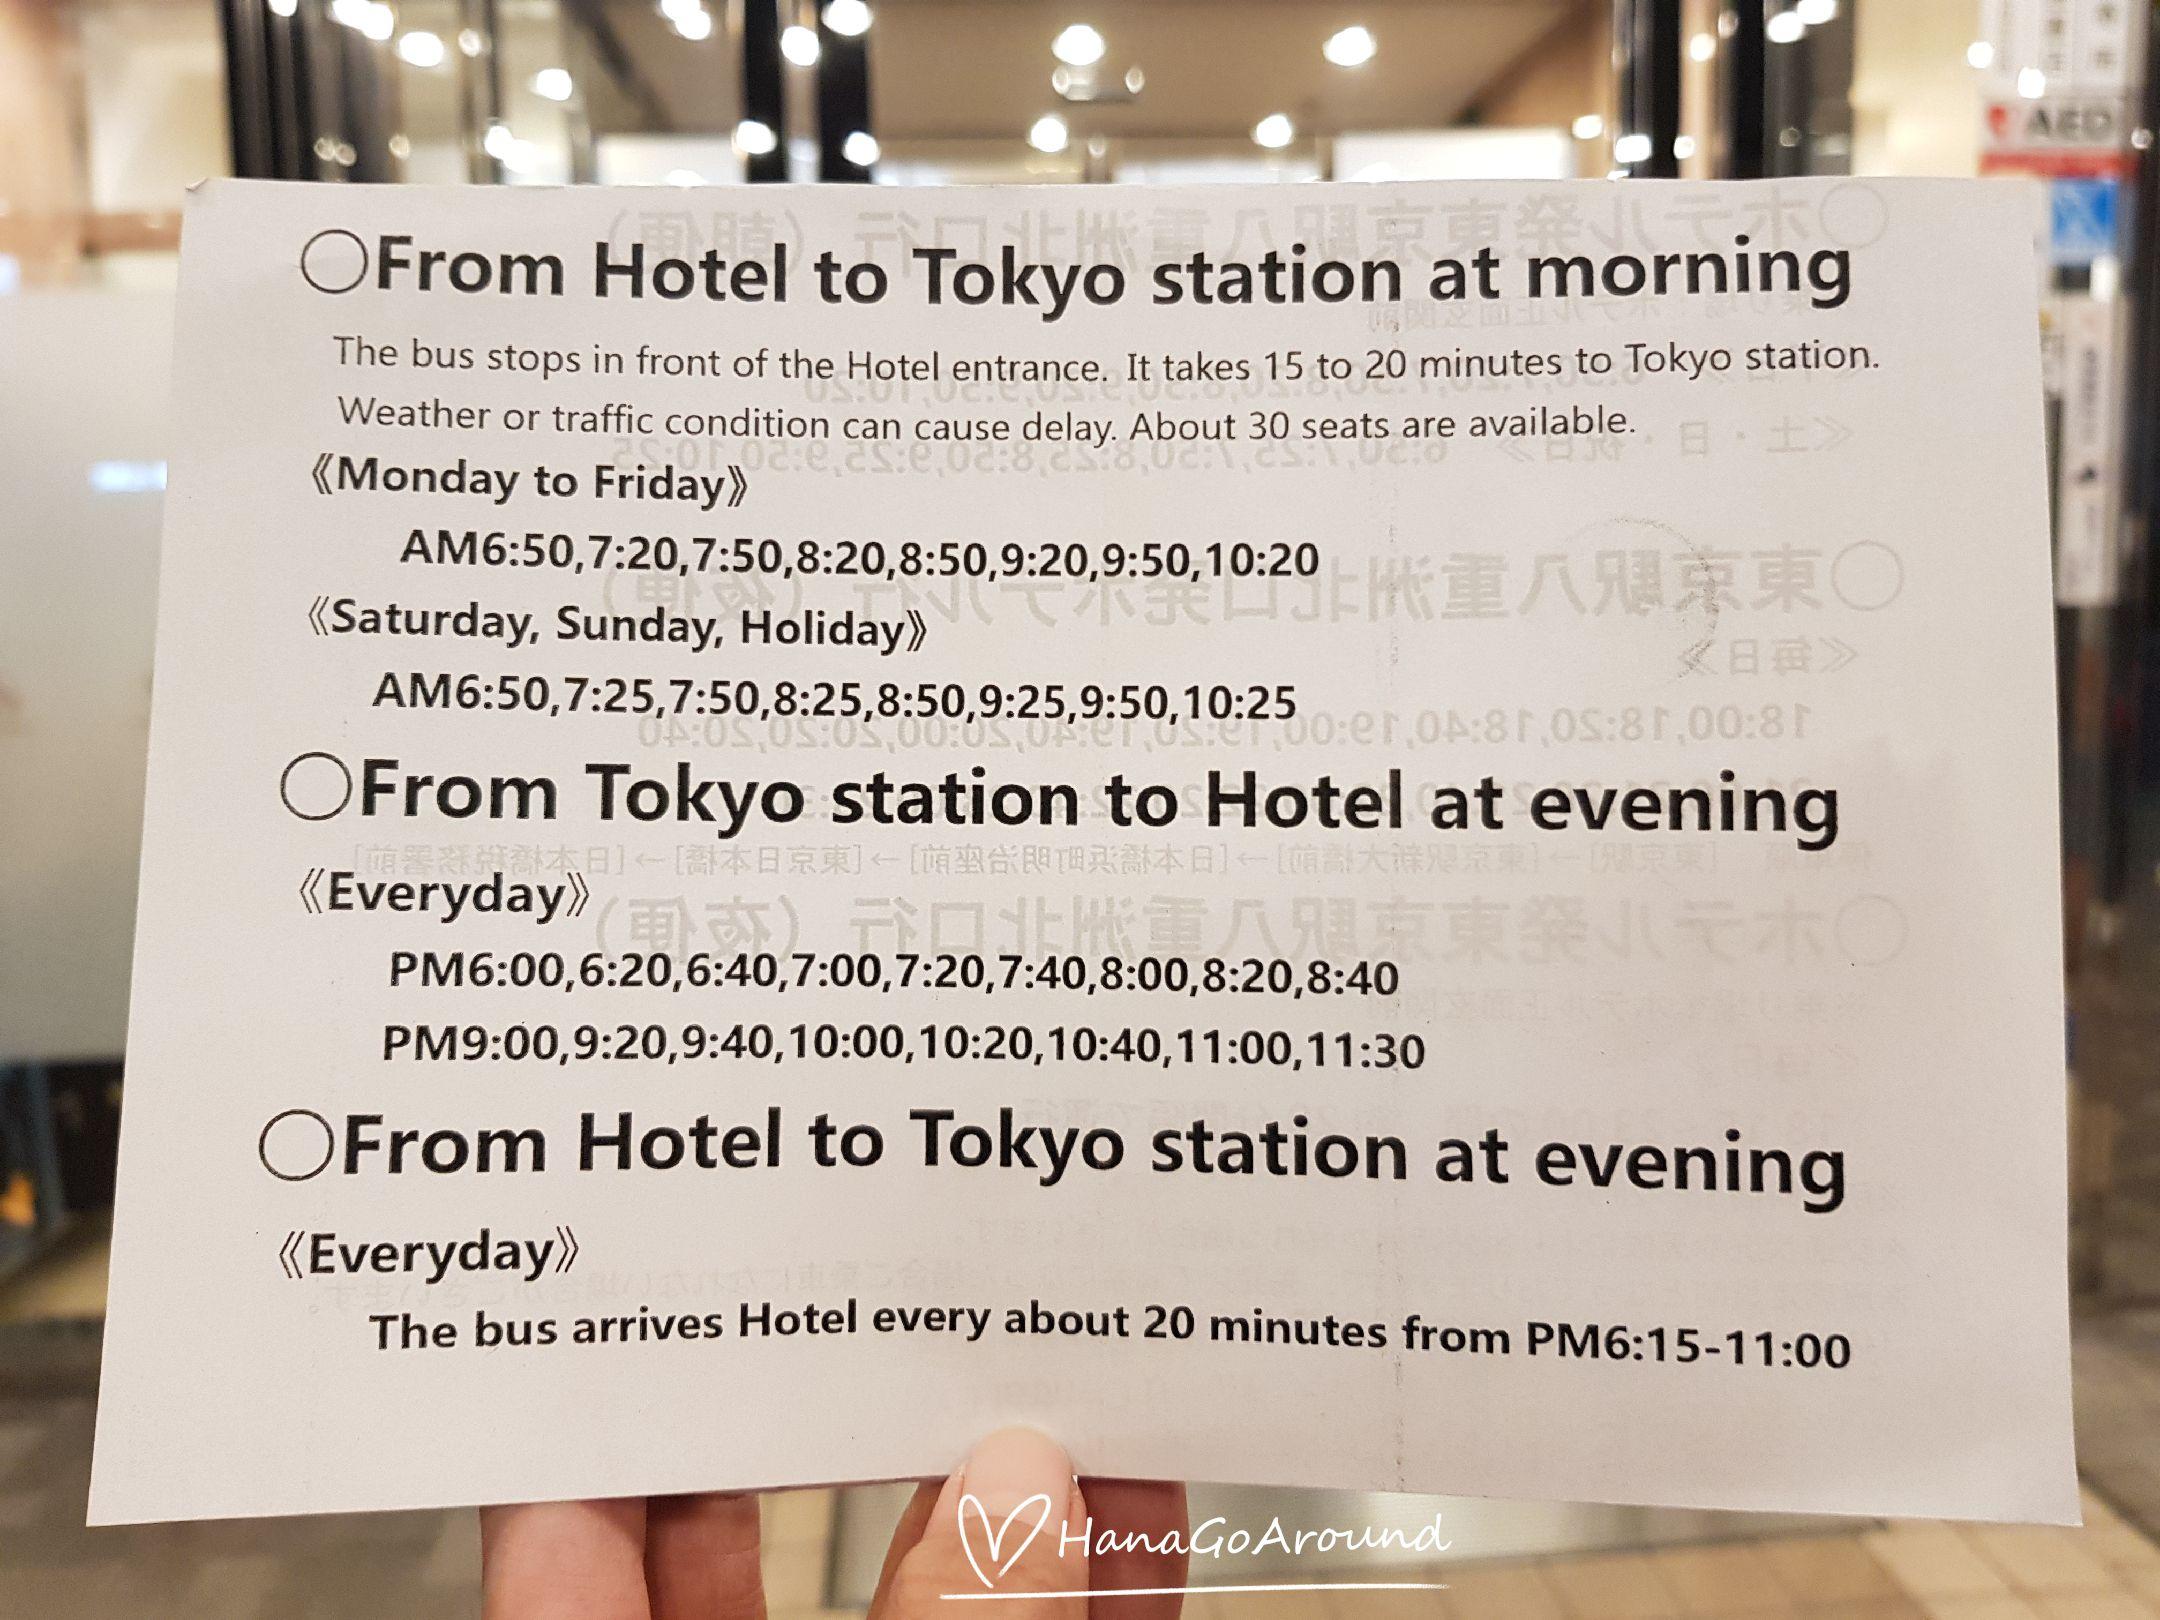 ตารางเวลาของ Shuttle Bus จากโรงแรม - สถานีรถไฟโตเกียว